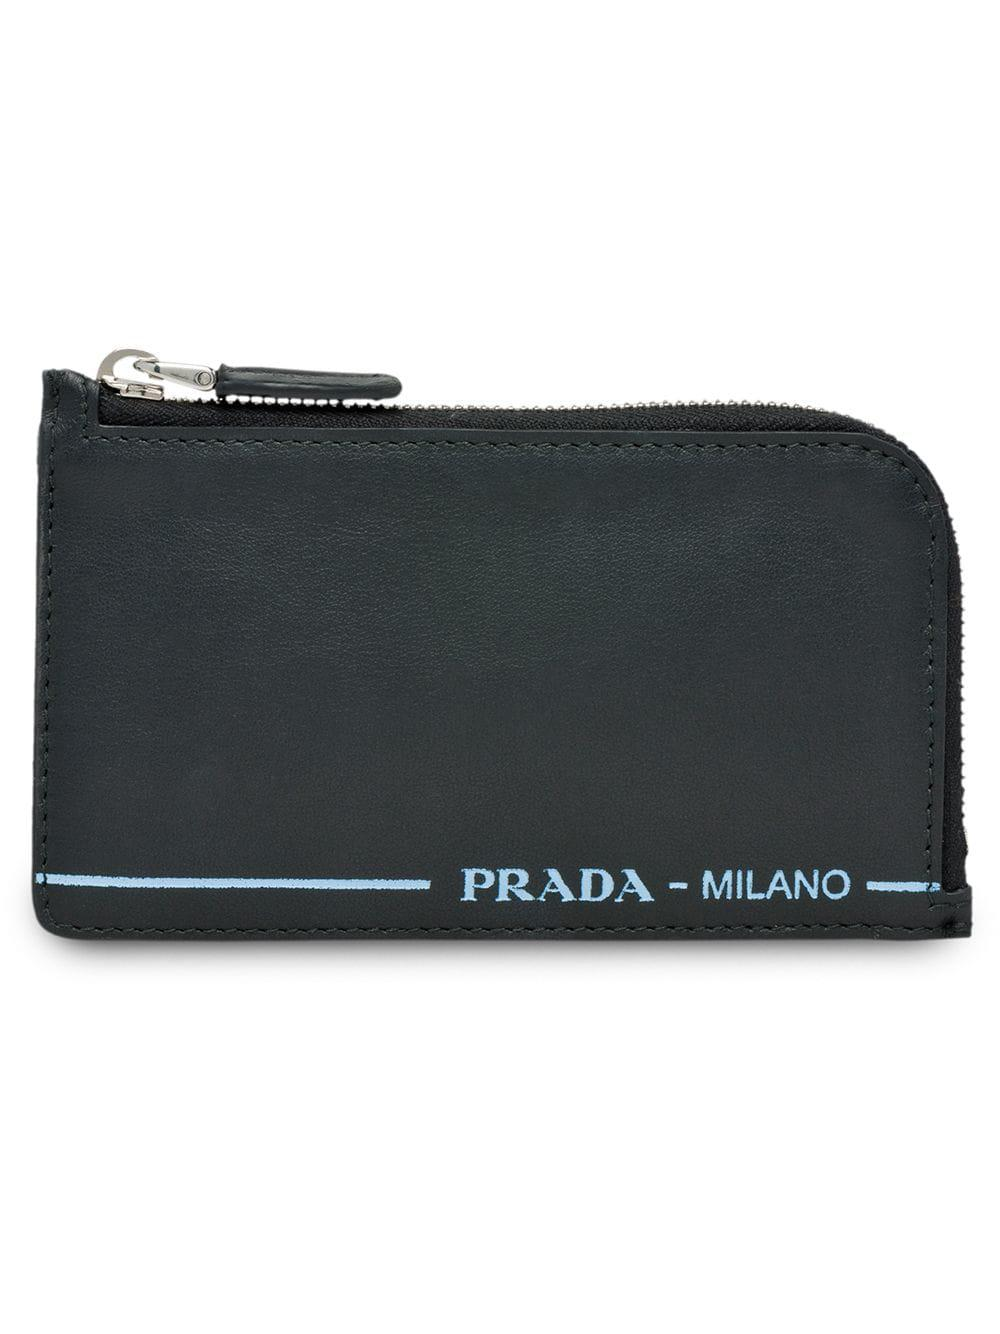 755d97c625e8 Prada Zipped Leather Logo Cardholder In Black   ModeSens